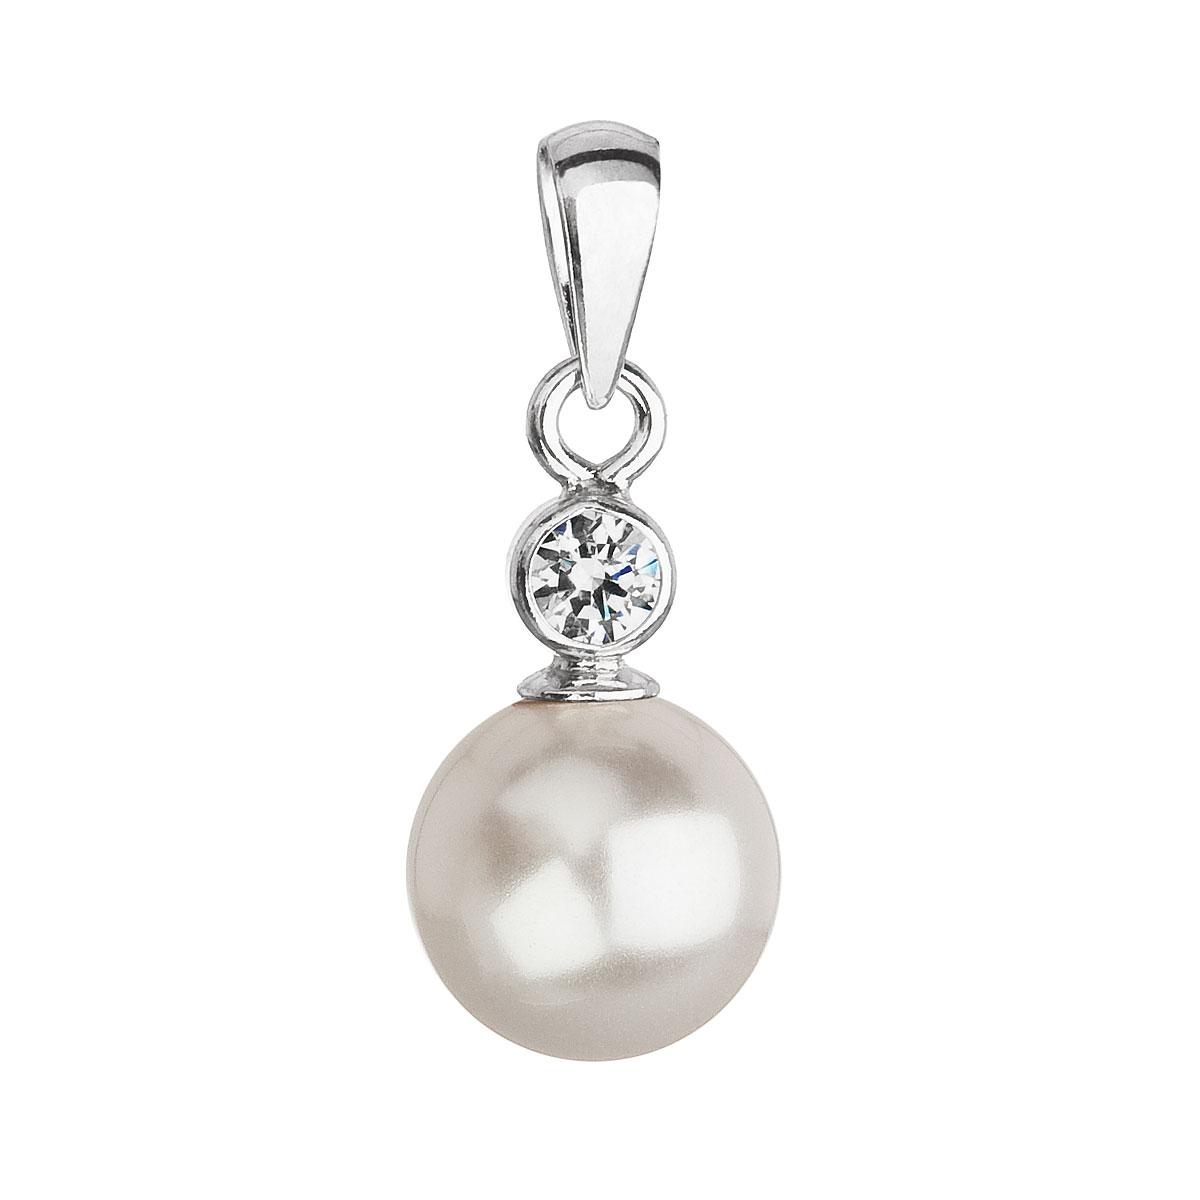 Evolution Group Stříbrný přívěsek s krystalem Swarovski a bílou kulatou perlou 34201.1